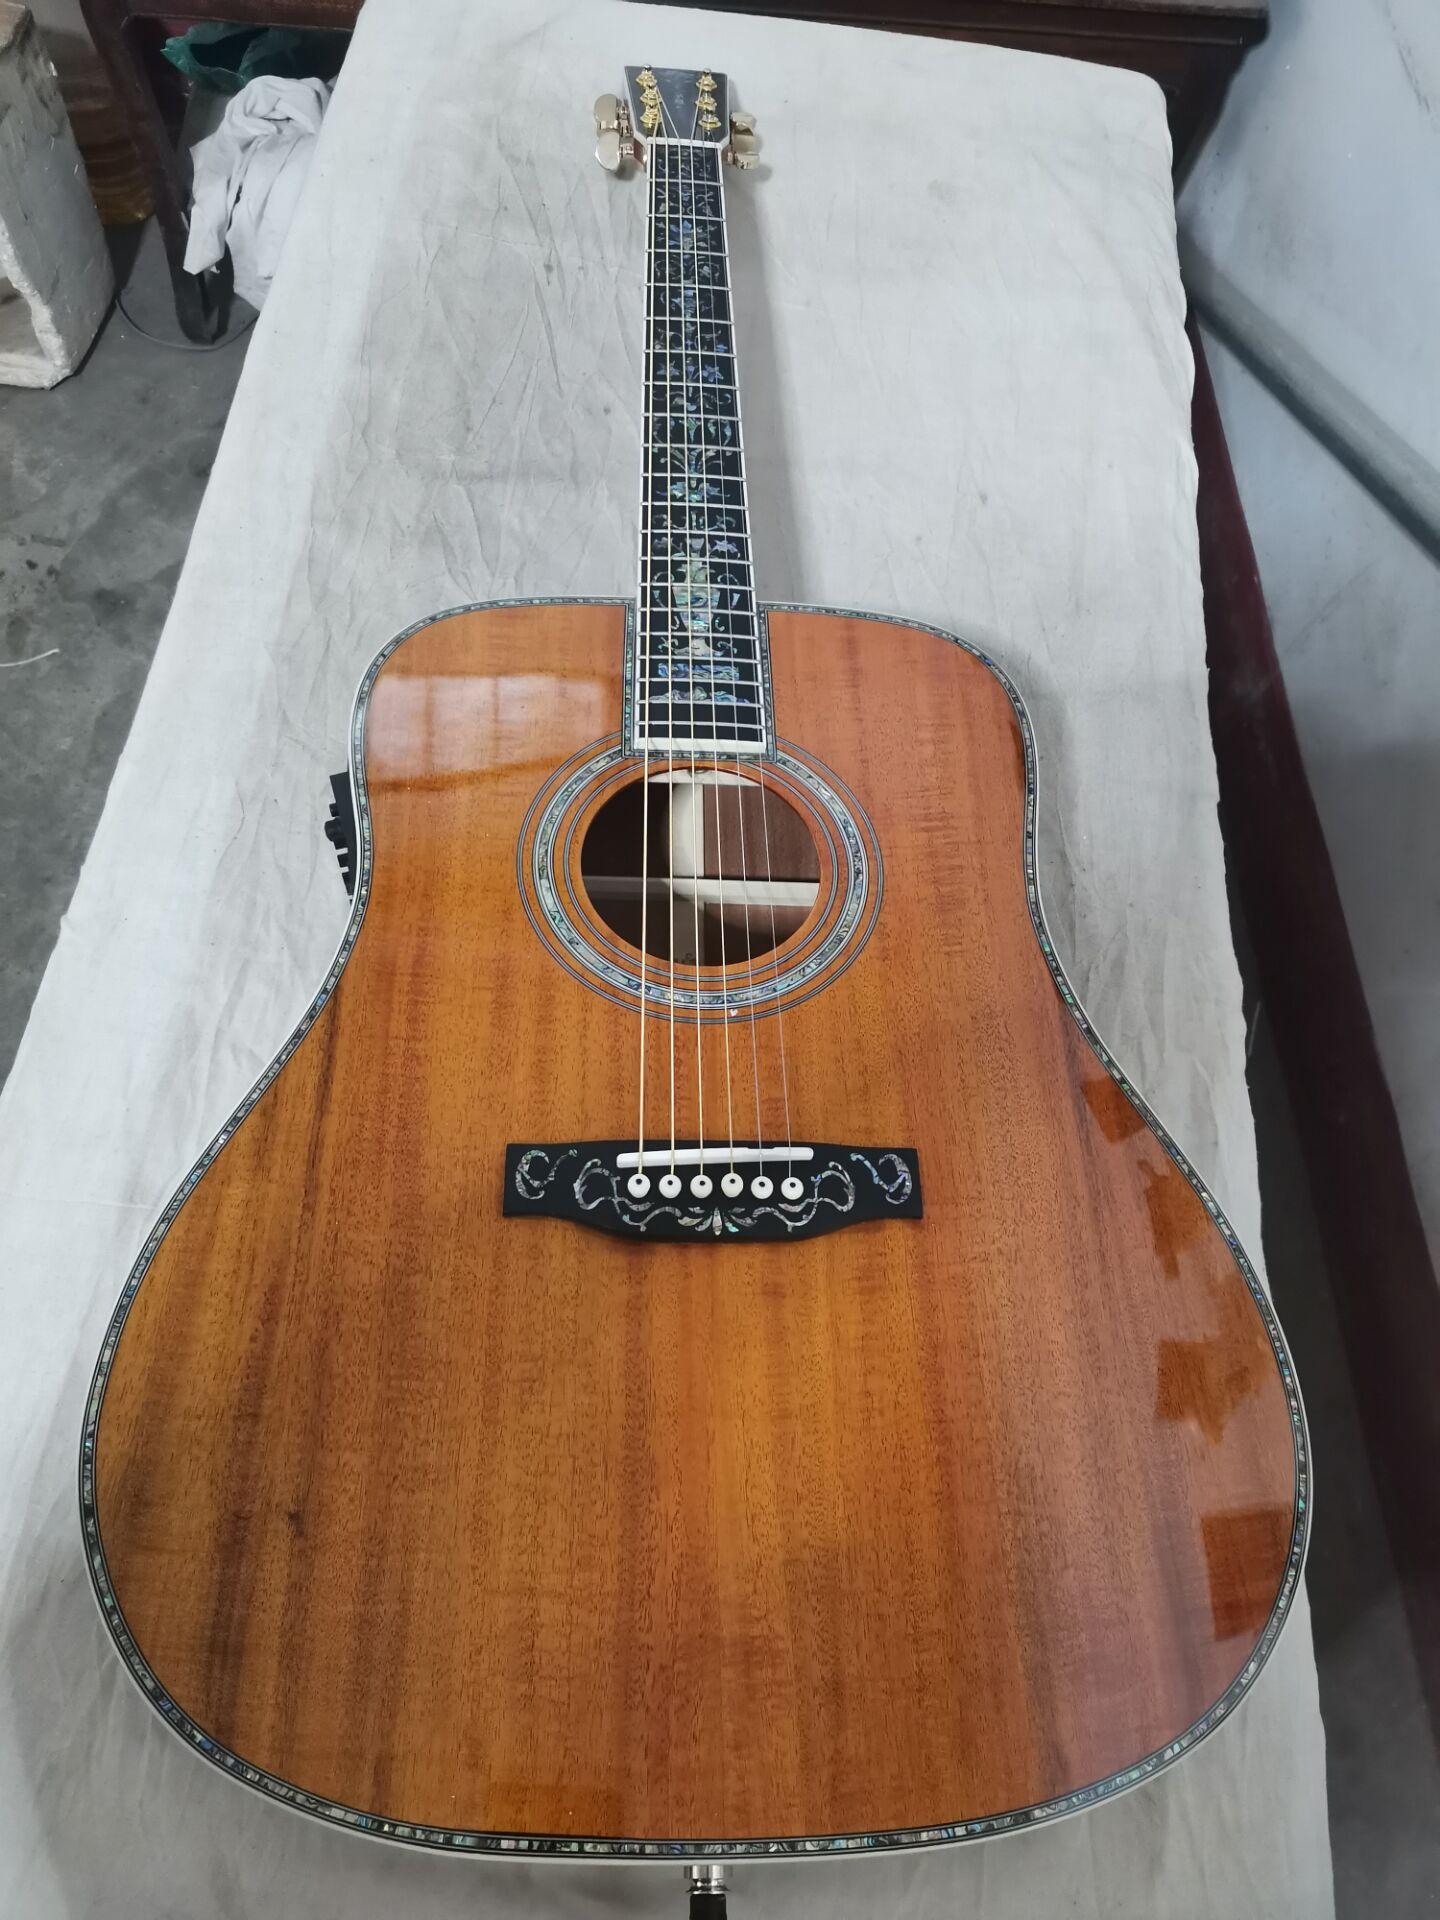 """Guitarra acústica de lujo de 41 """"solid koa top, envío gratis, hecha a mano, madera de koa con incrustación real de abulón, guitarra acústica"""